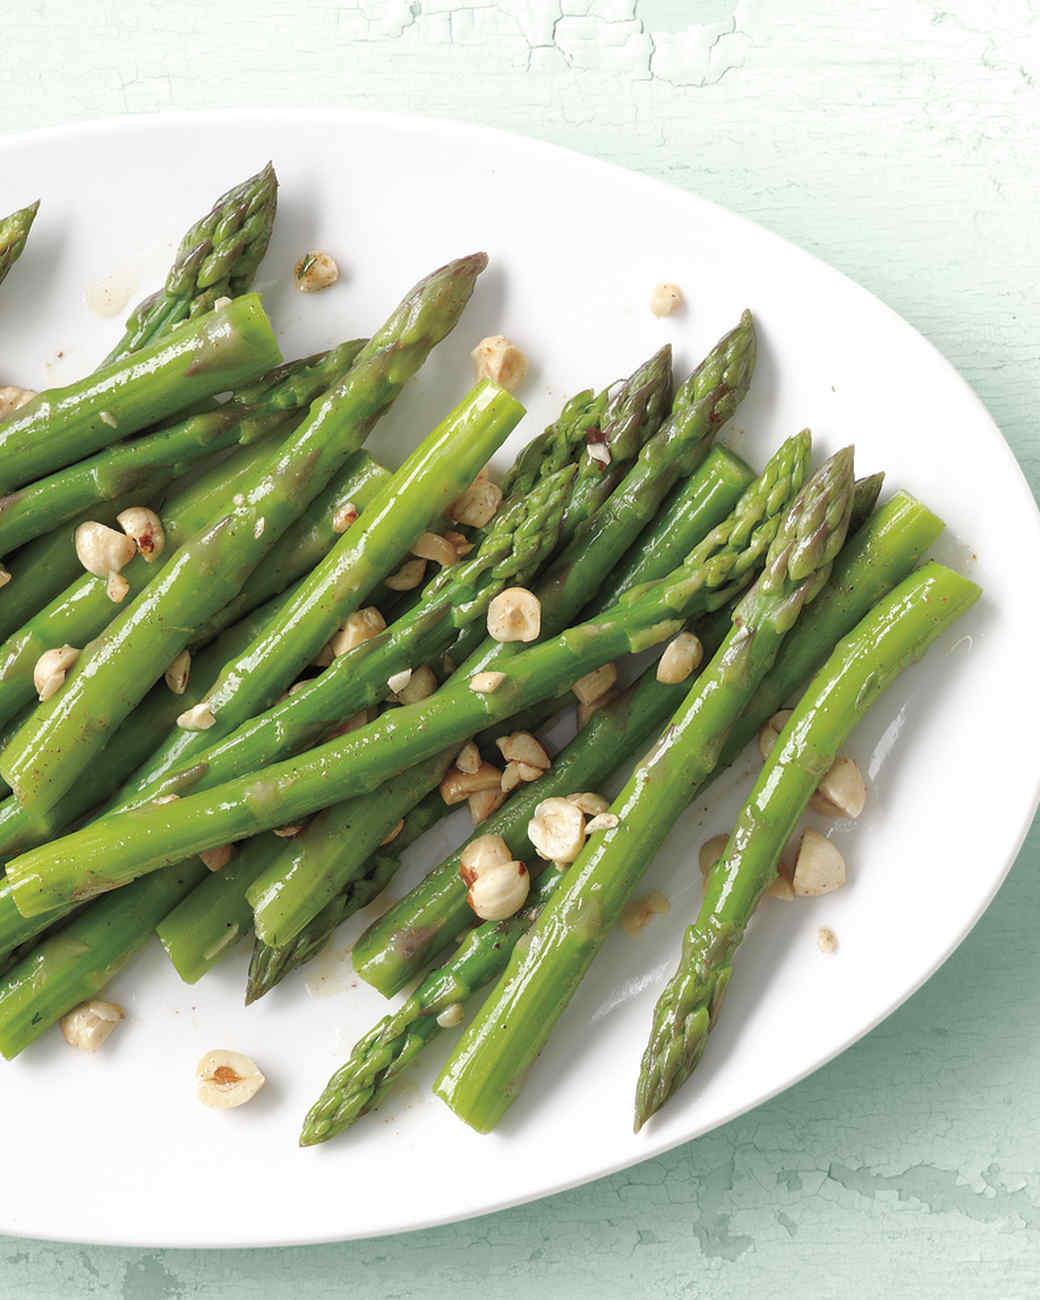 asparagus-butter-hazelnuts-med108164.jpg